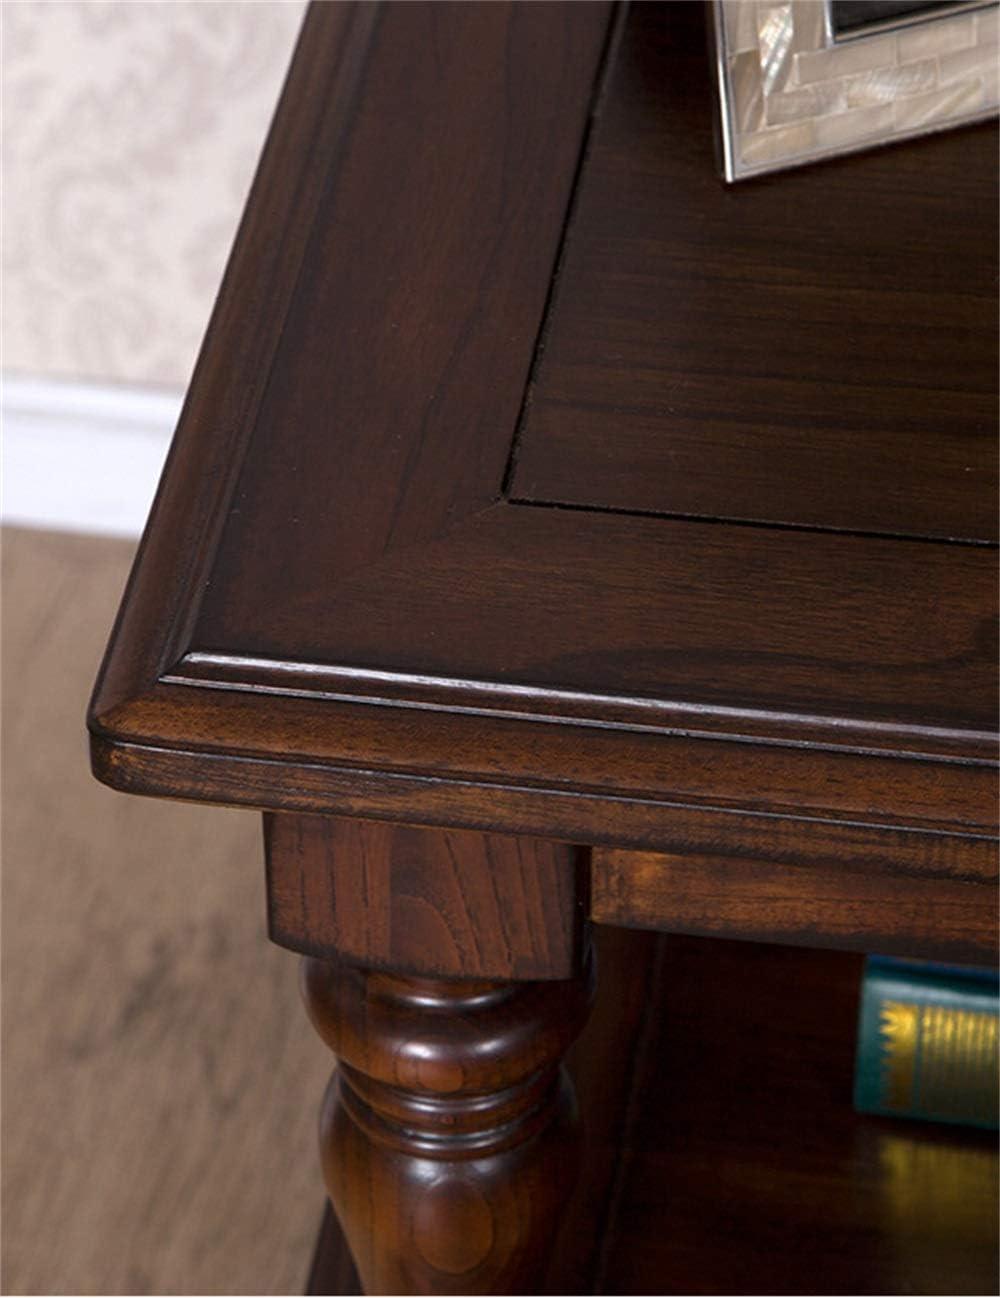 Muebles de Madera Maciza/Mesa de Centro pequeña de Nogal Negro, Lado Cuadrado de Madera Maciza del país Retro, Apto para Dormitorio, Sala de Estar, Estudio: Amazon.es: Hogar